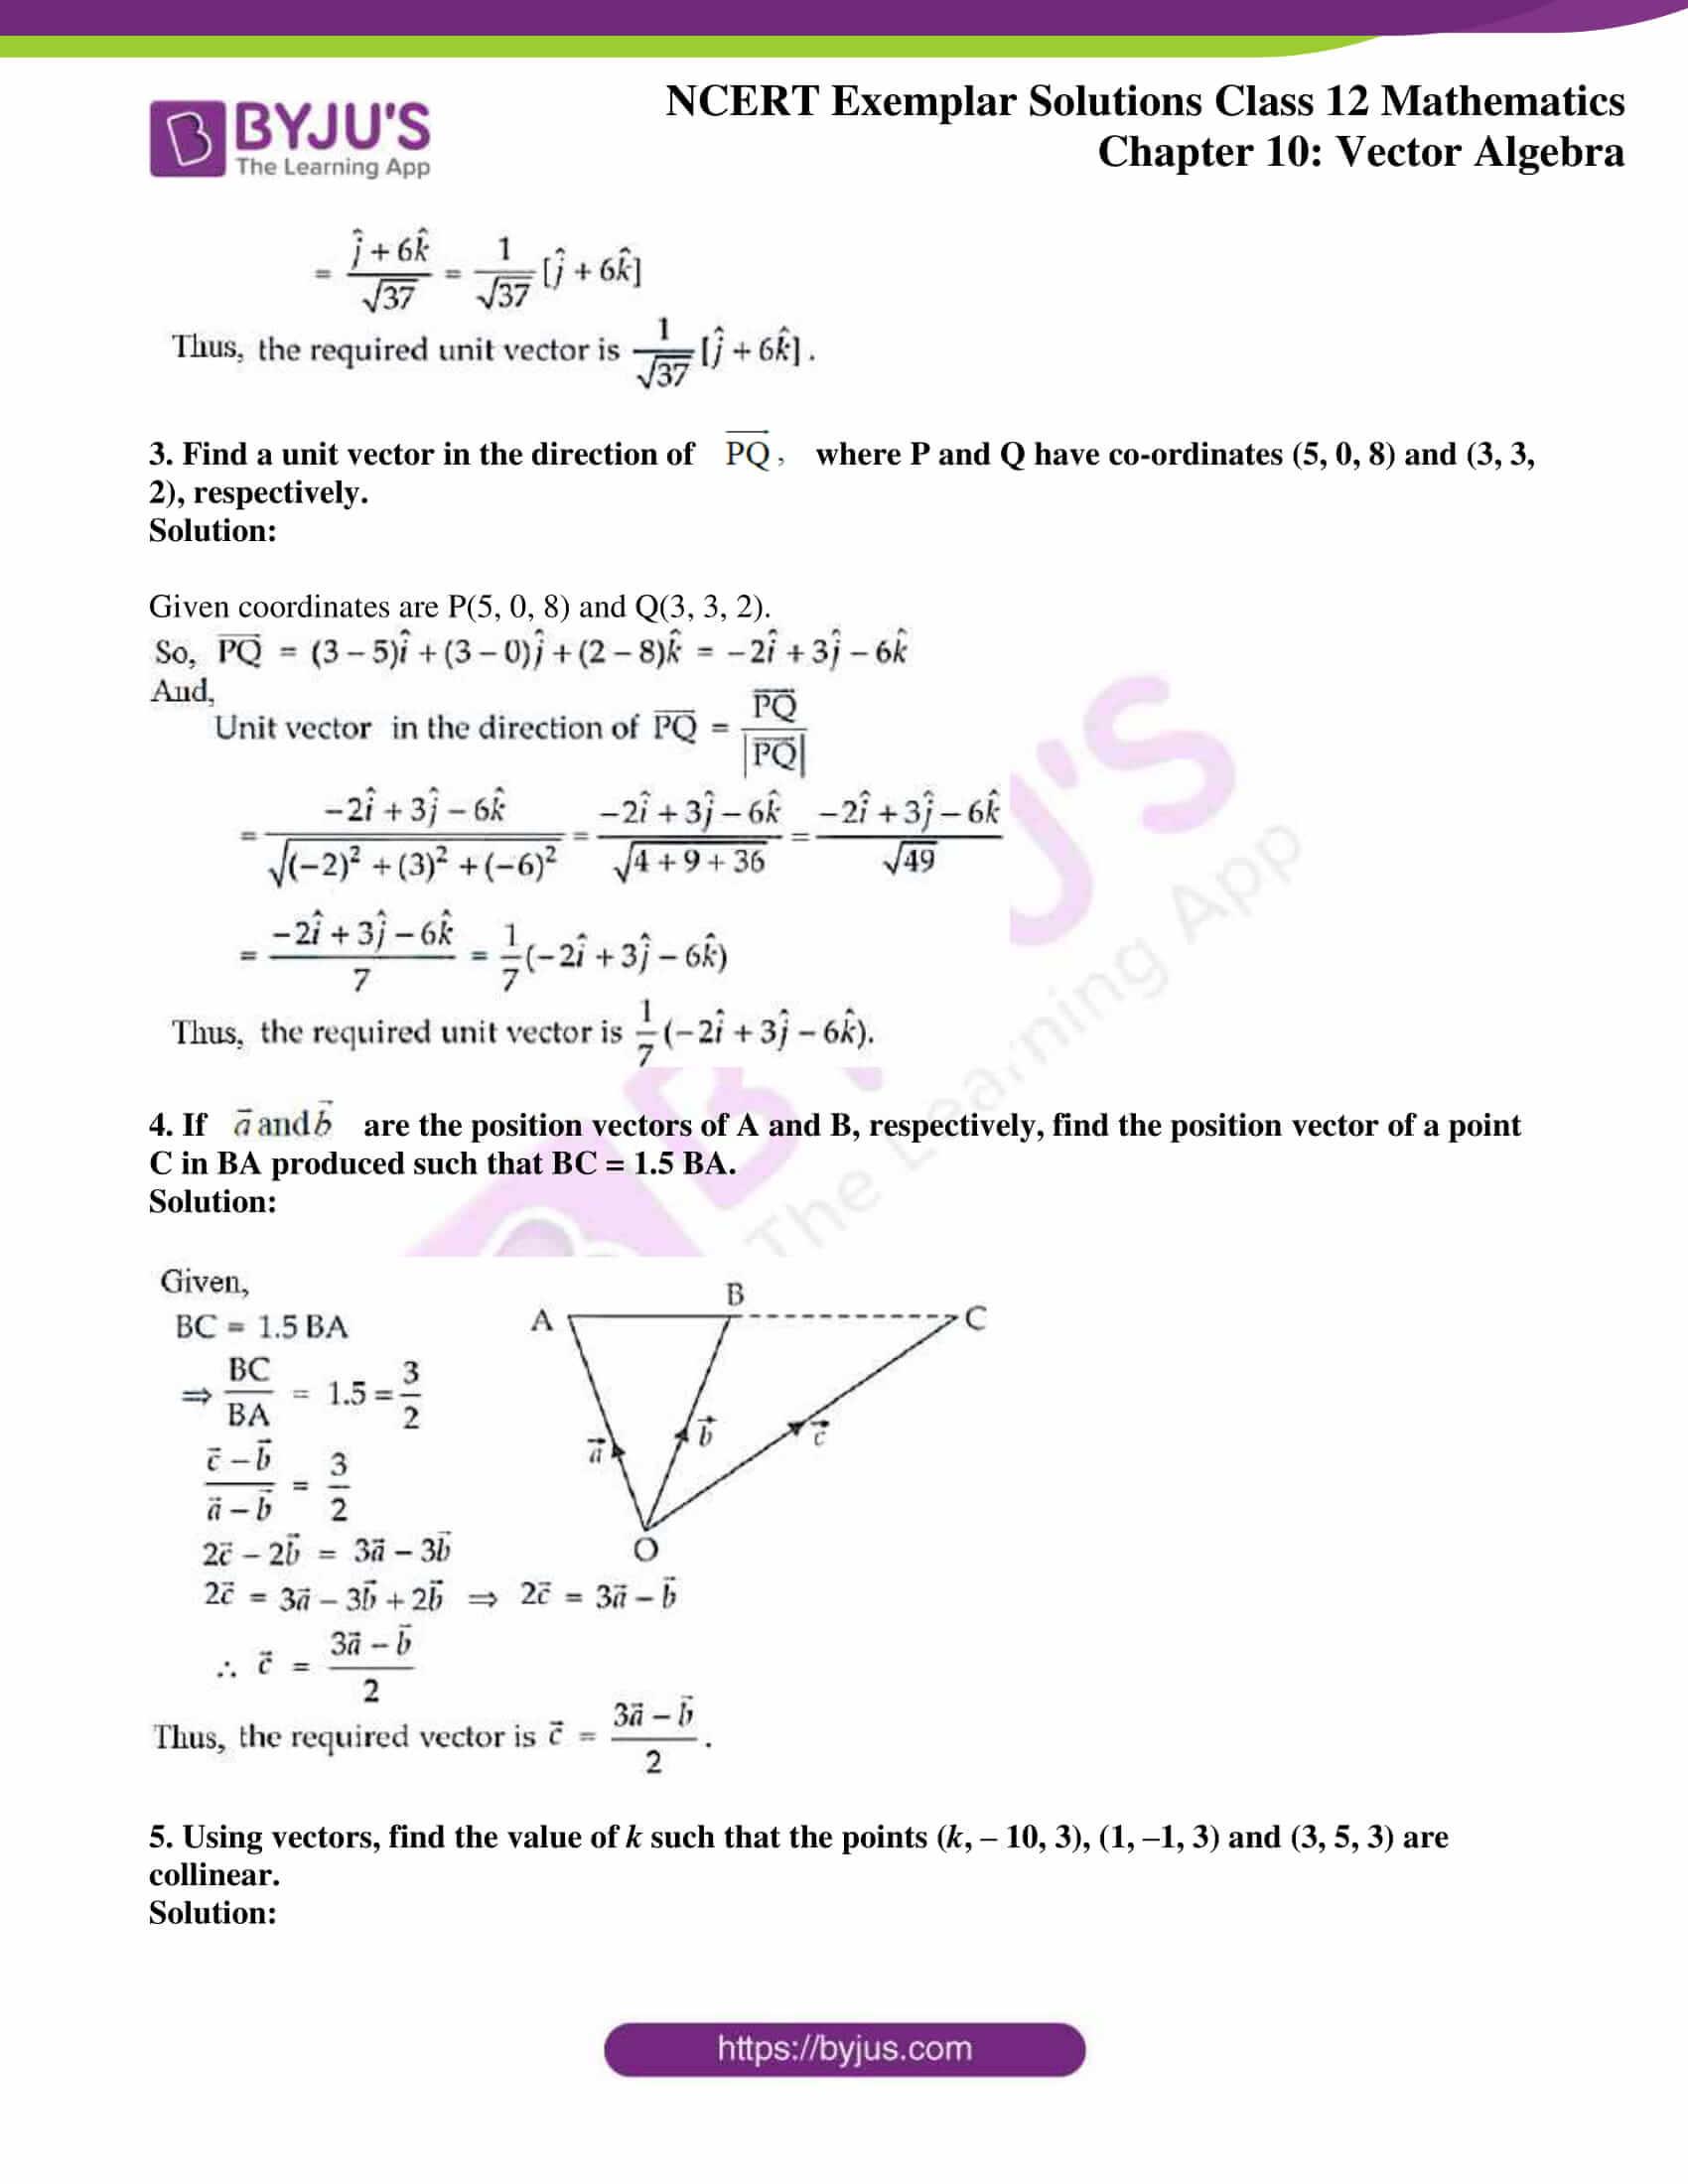 ncert exemplar sol class 12 mathematics ch 10 02